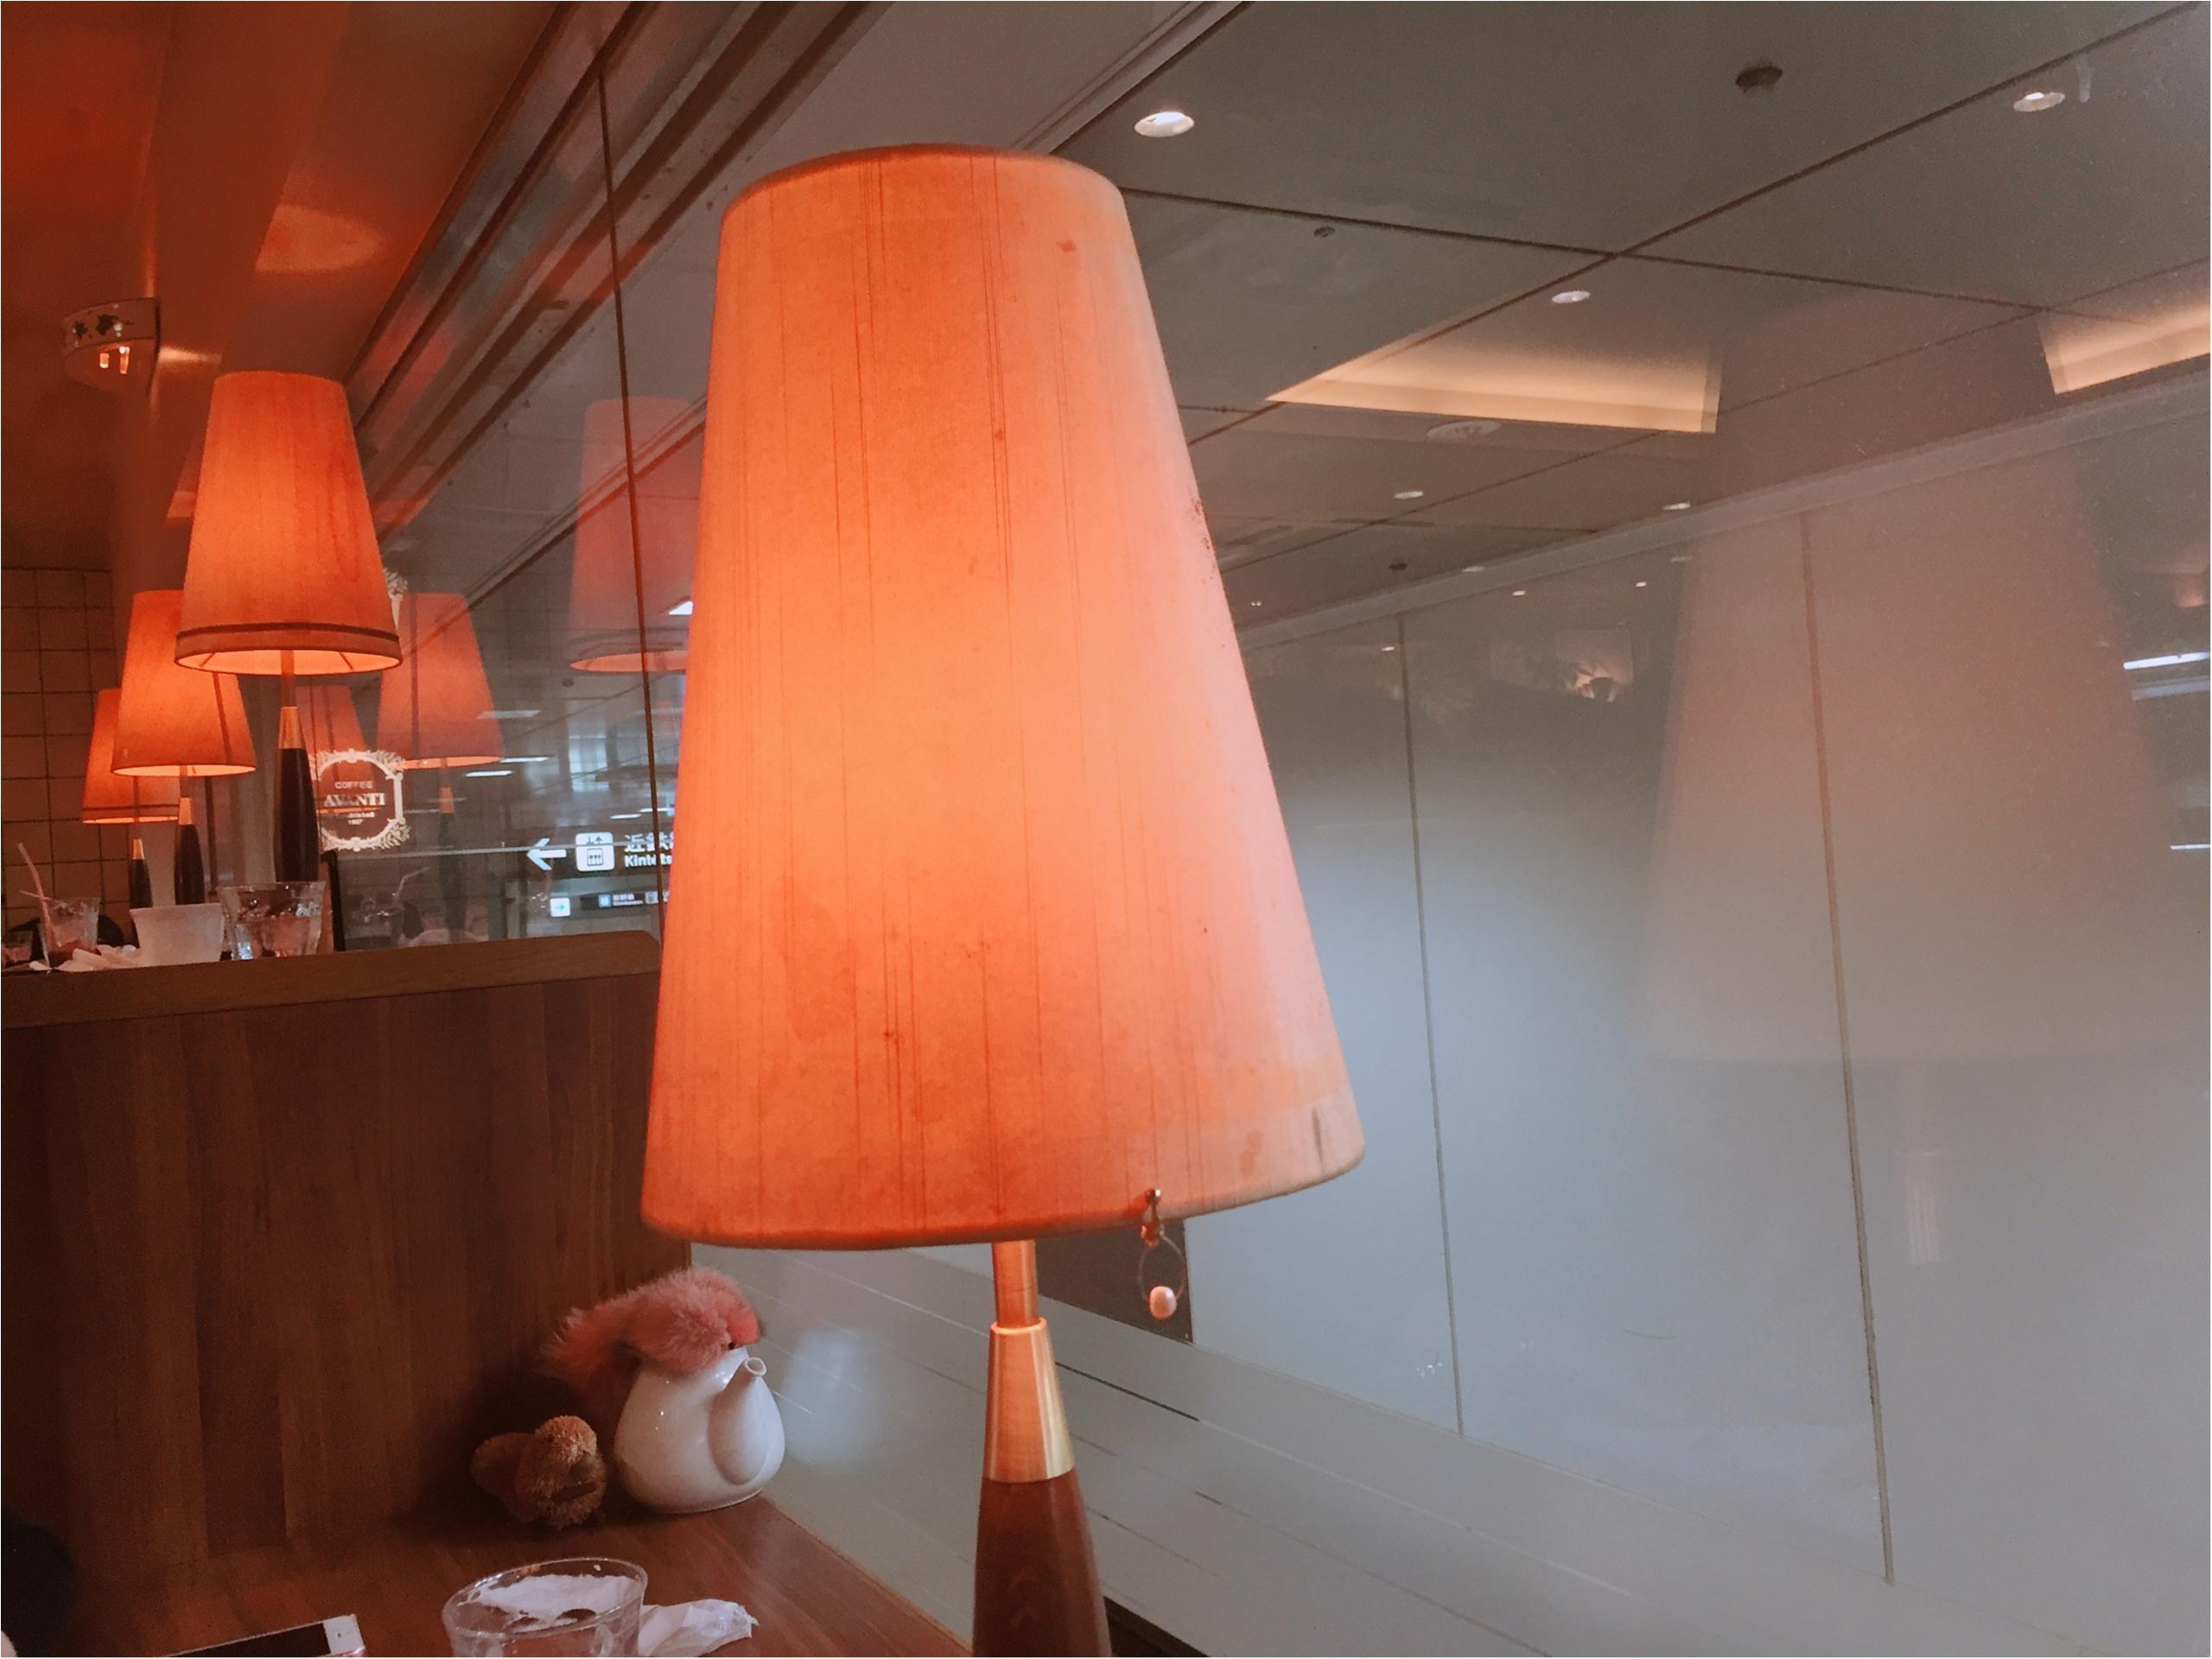 おすすめの喫茶店・カフェ特集 - 東京のレトロな喫茶店4選など、全国のフォトジェニックなカフェまとめ_44